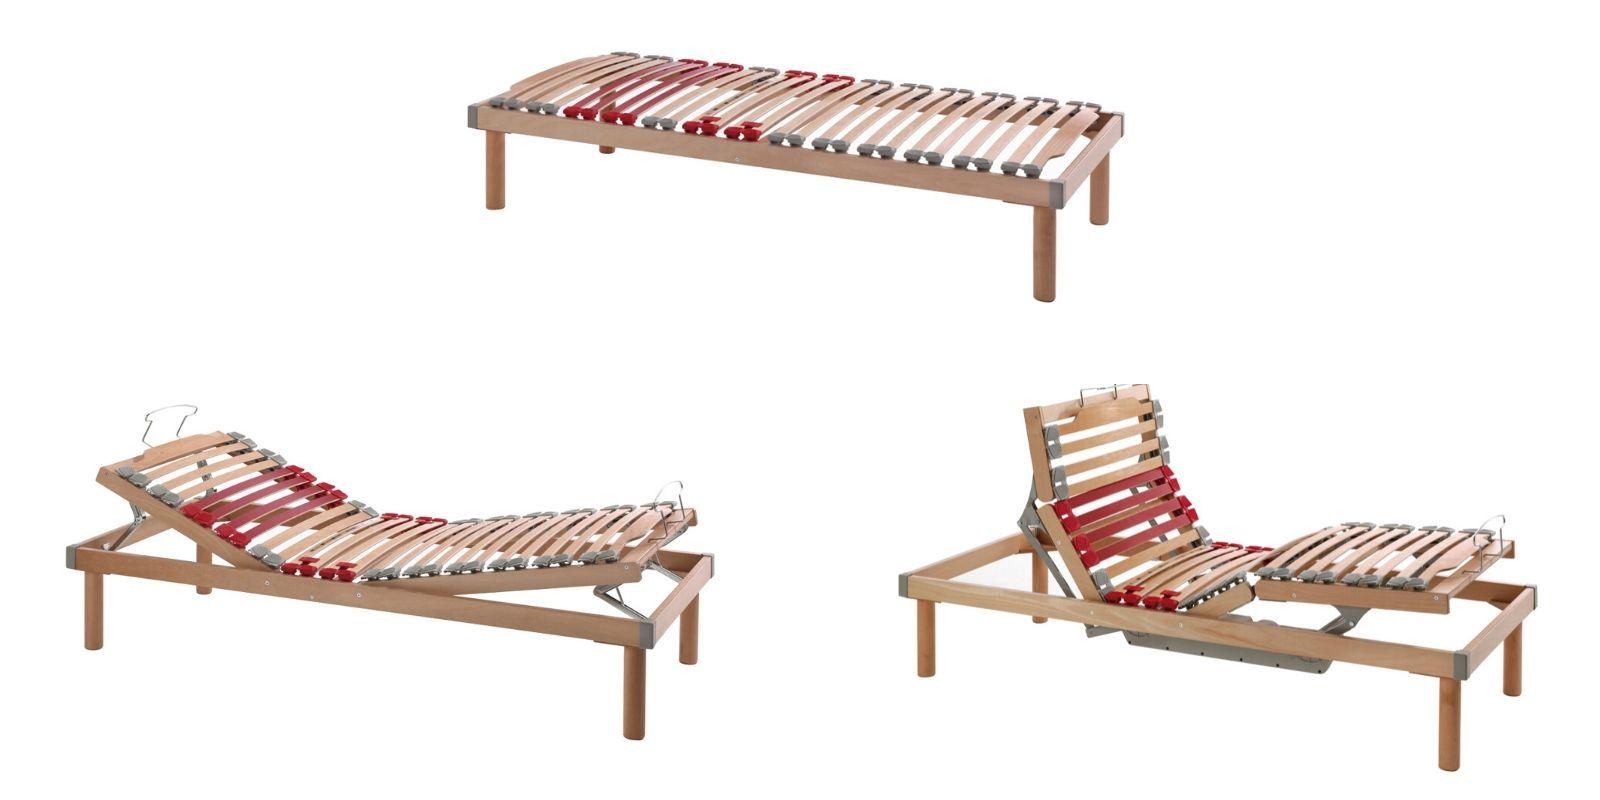 Reti a doghe con telaio in legno